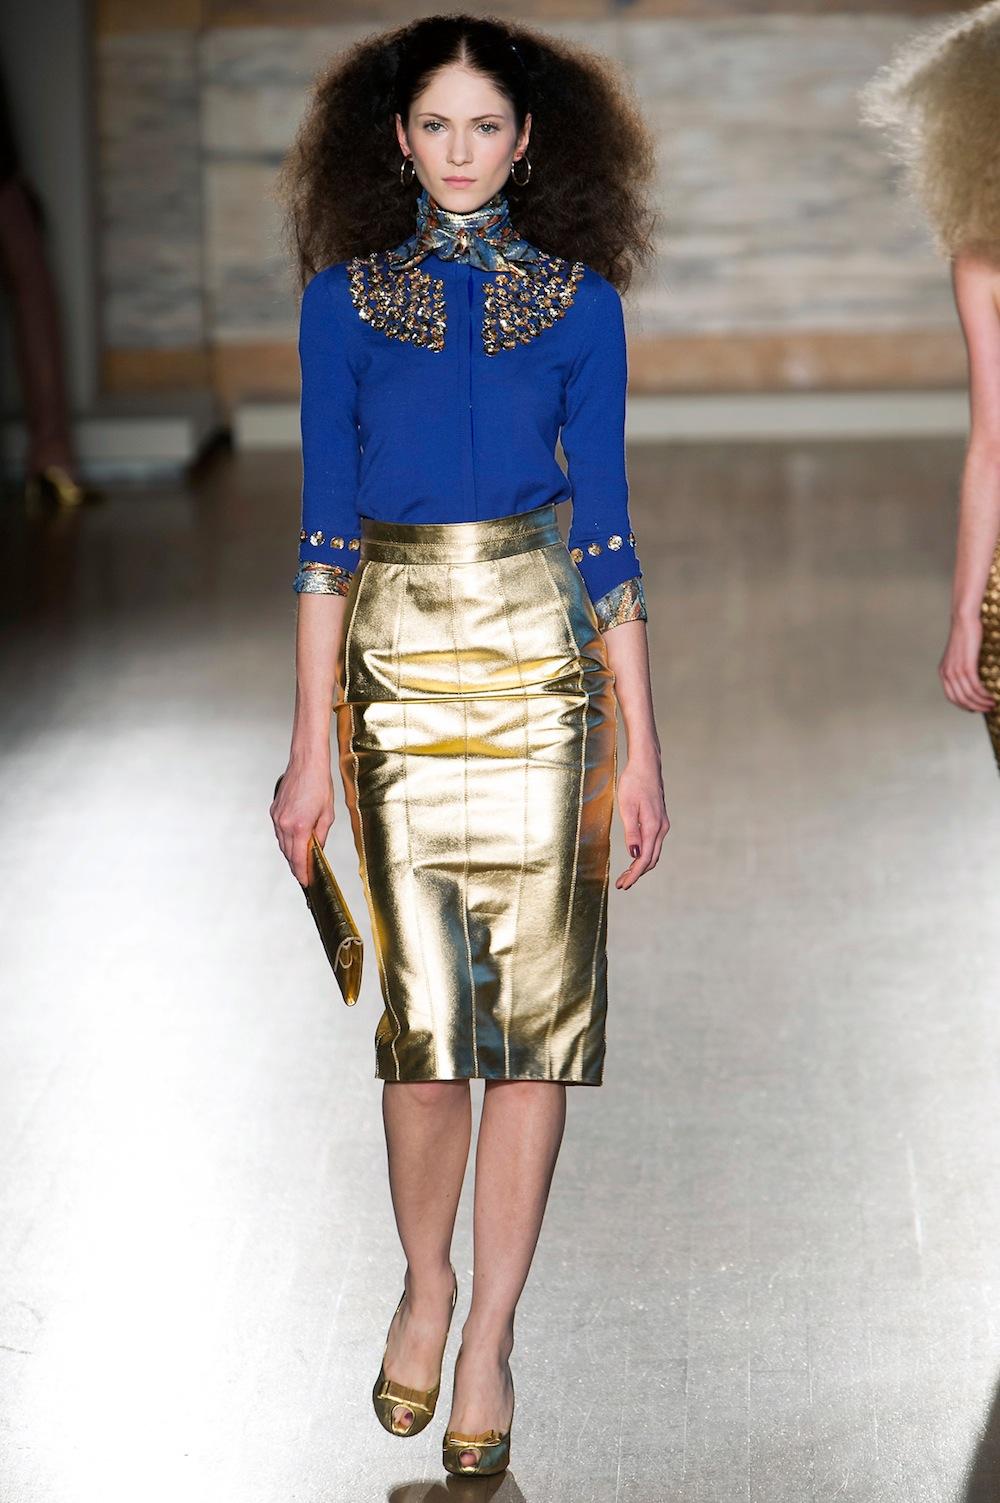 Metallic Pencil Skirt at L'Wren Scott